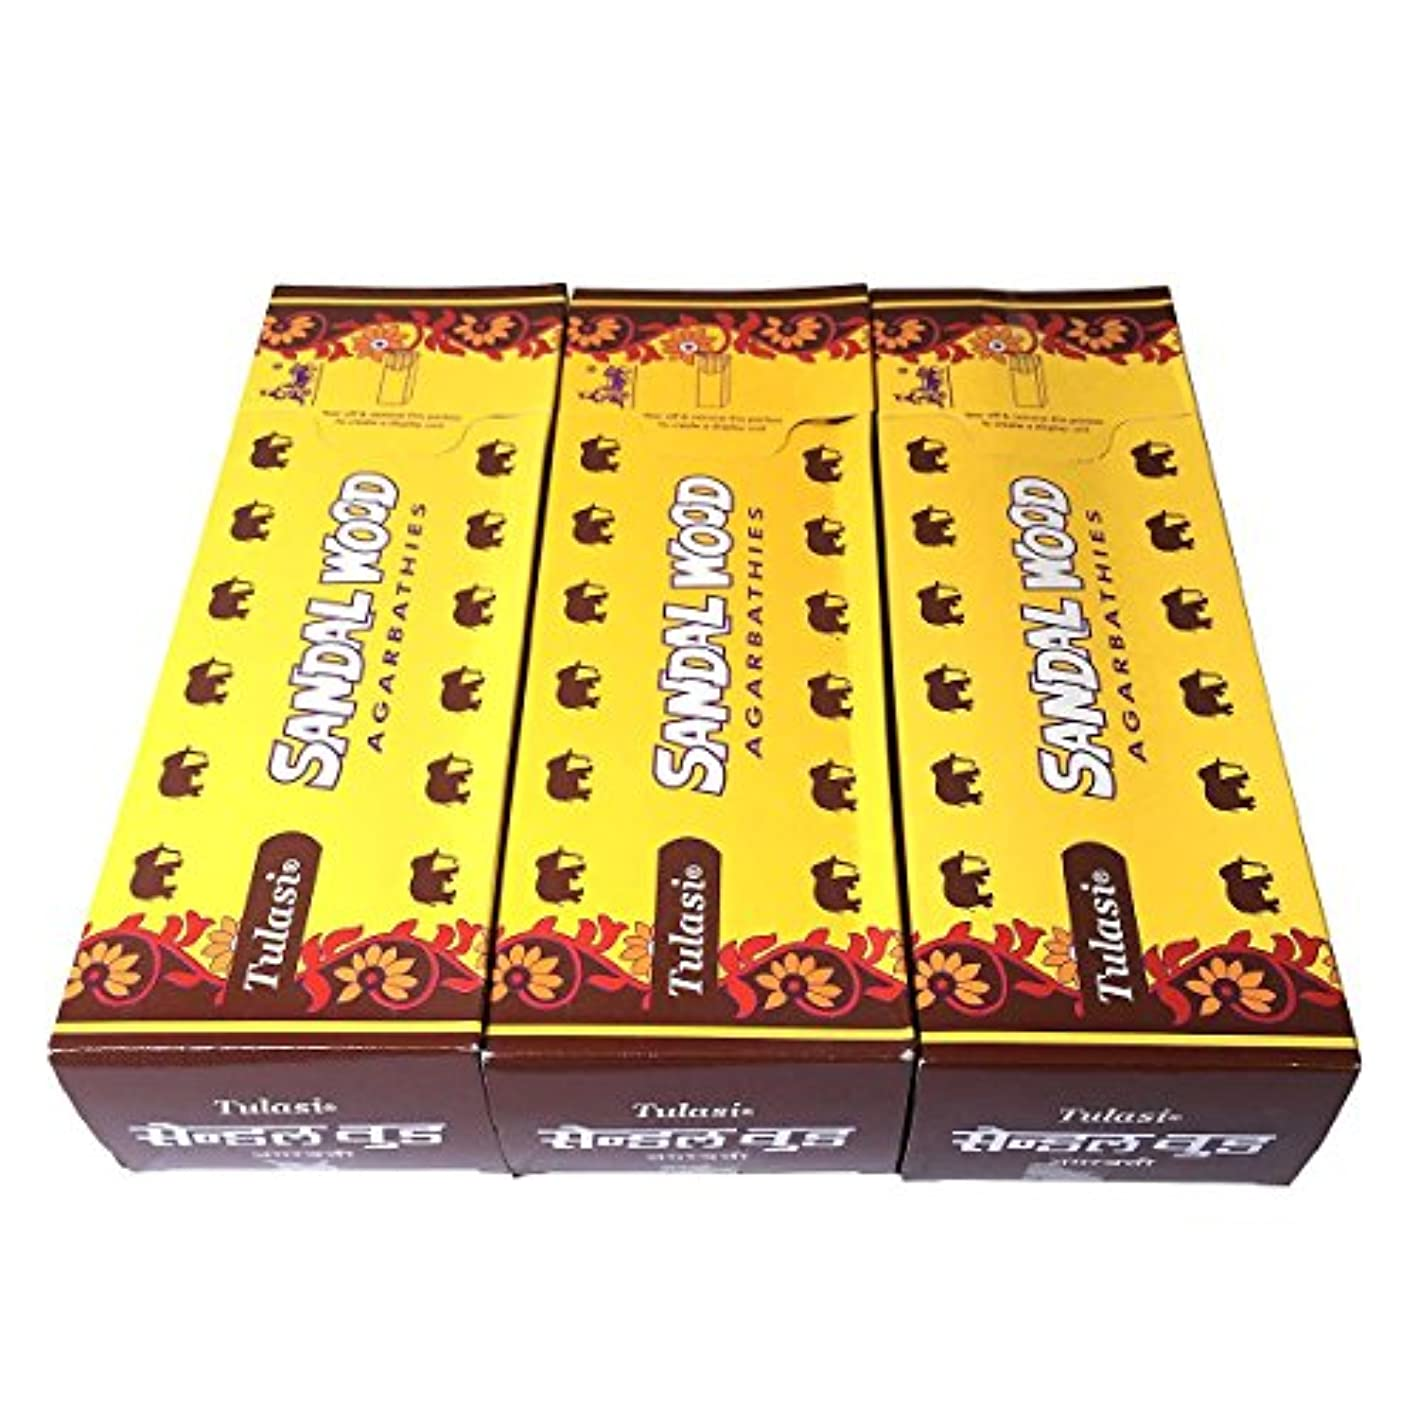 スラム街灰カストディアンサンダルウッド香スティック 3BOX(18箱) /TULASI SANDAL WOOD/インセンス/インド香 お香 [並行輸入品]